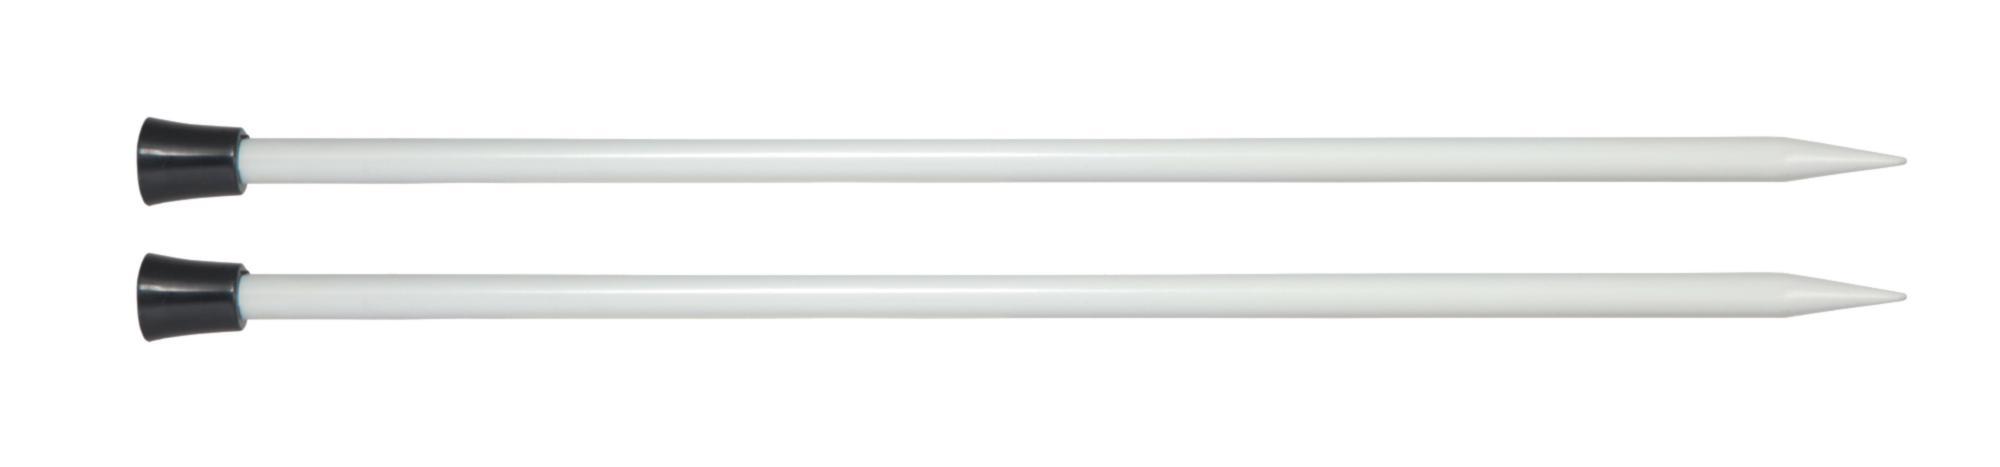 Спицы прямые 25 см Basix Aluminium KnitPro, 45207, 2.25 мм